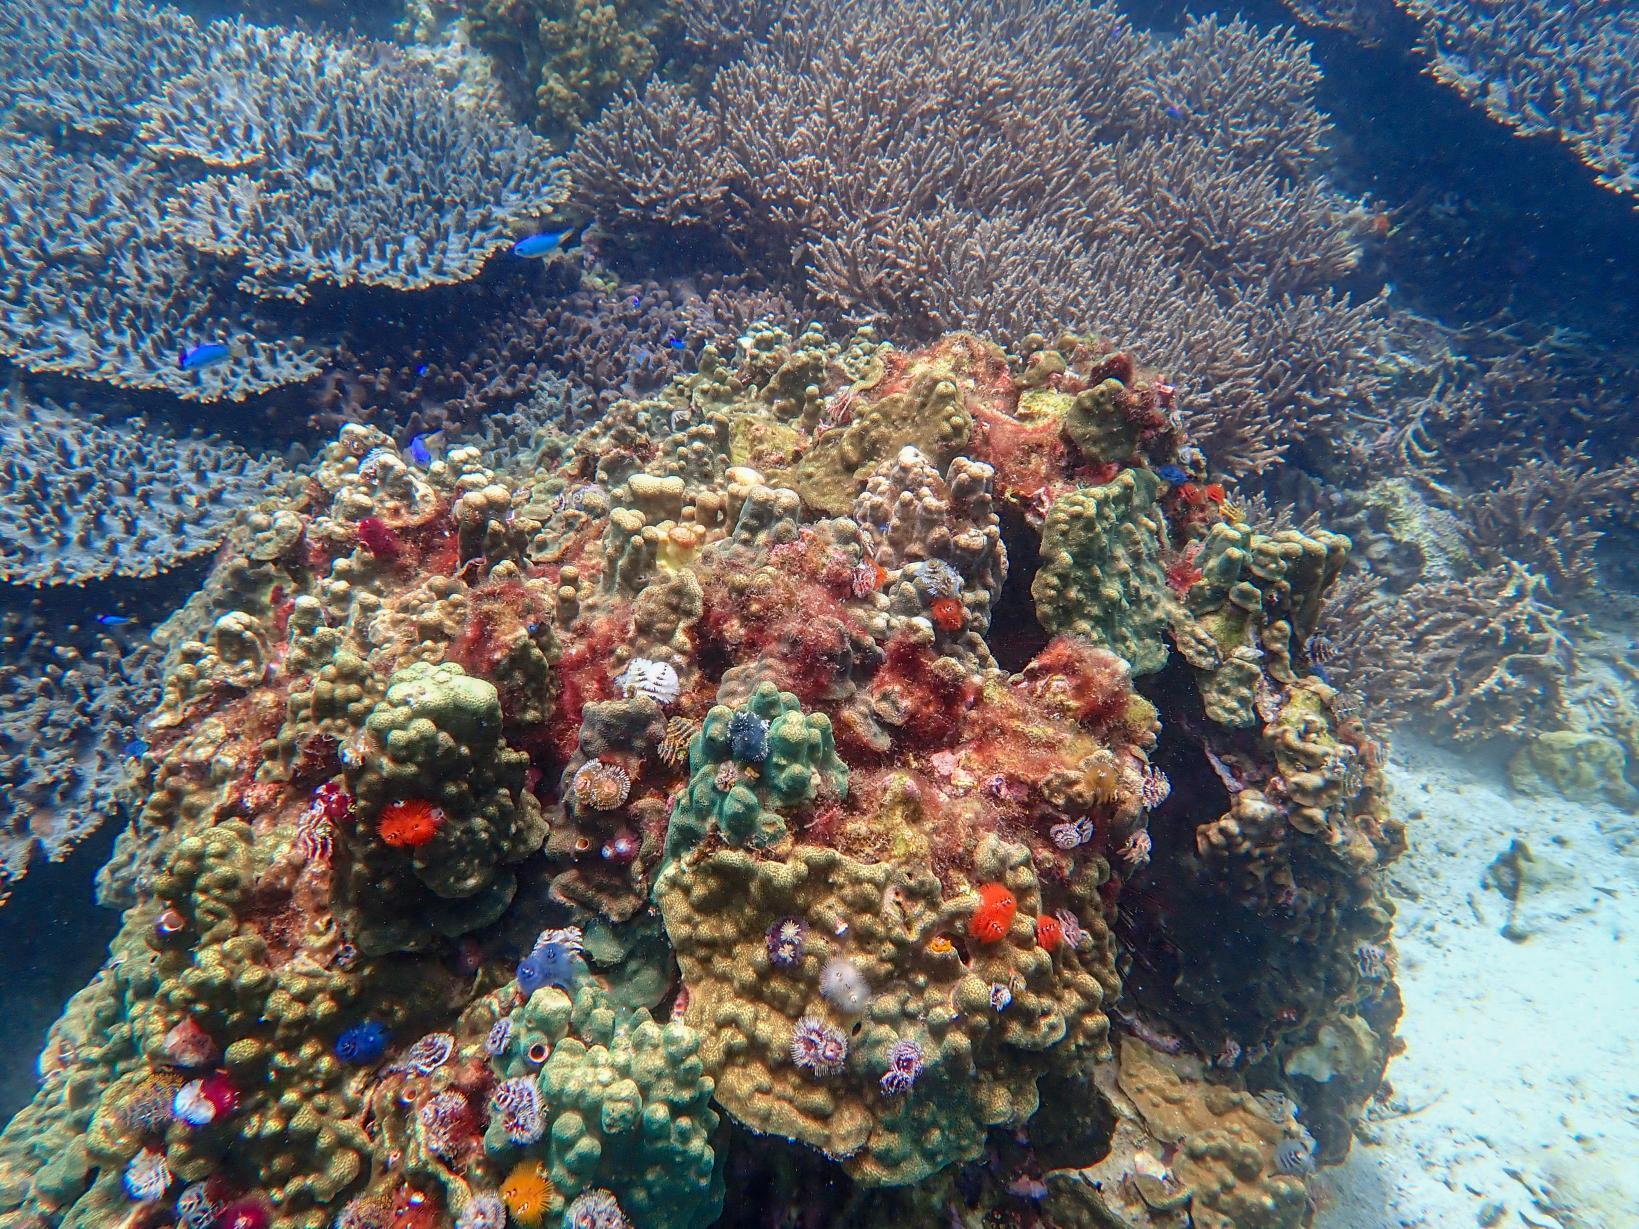 ニモに会えるかもしれない!海中も美しい五島の海でシュノーケリング-1